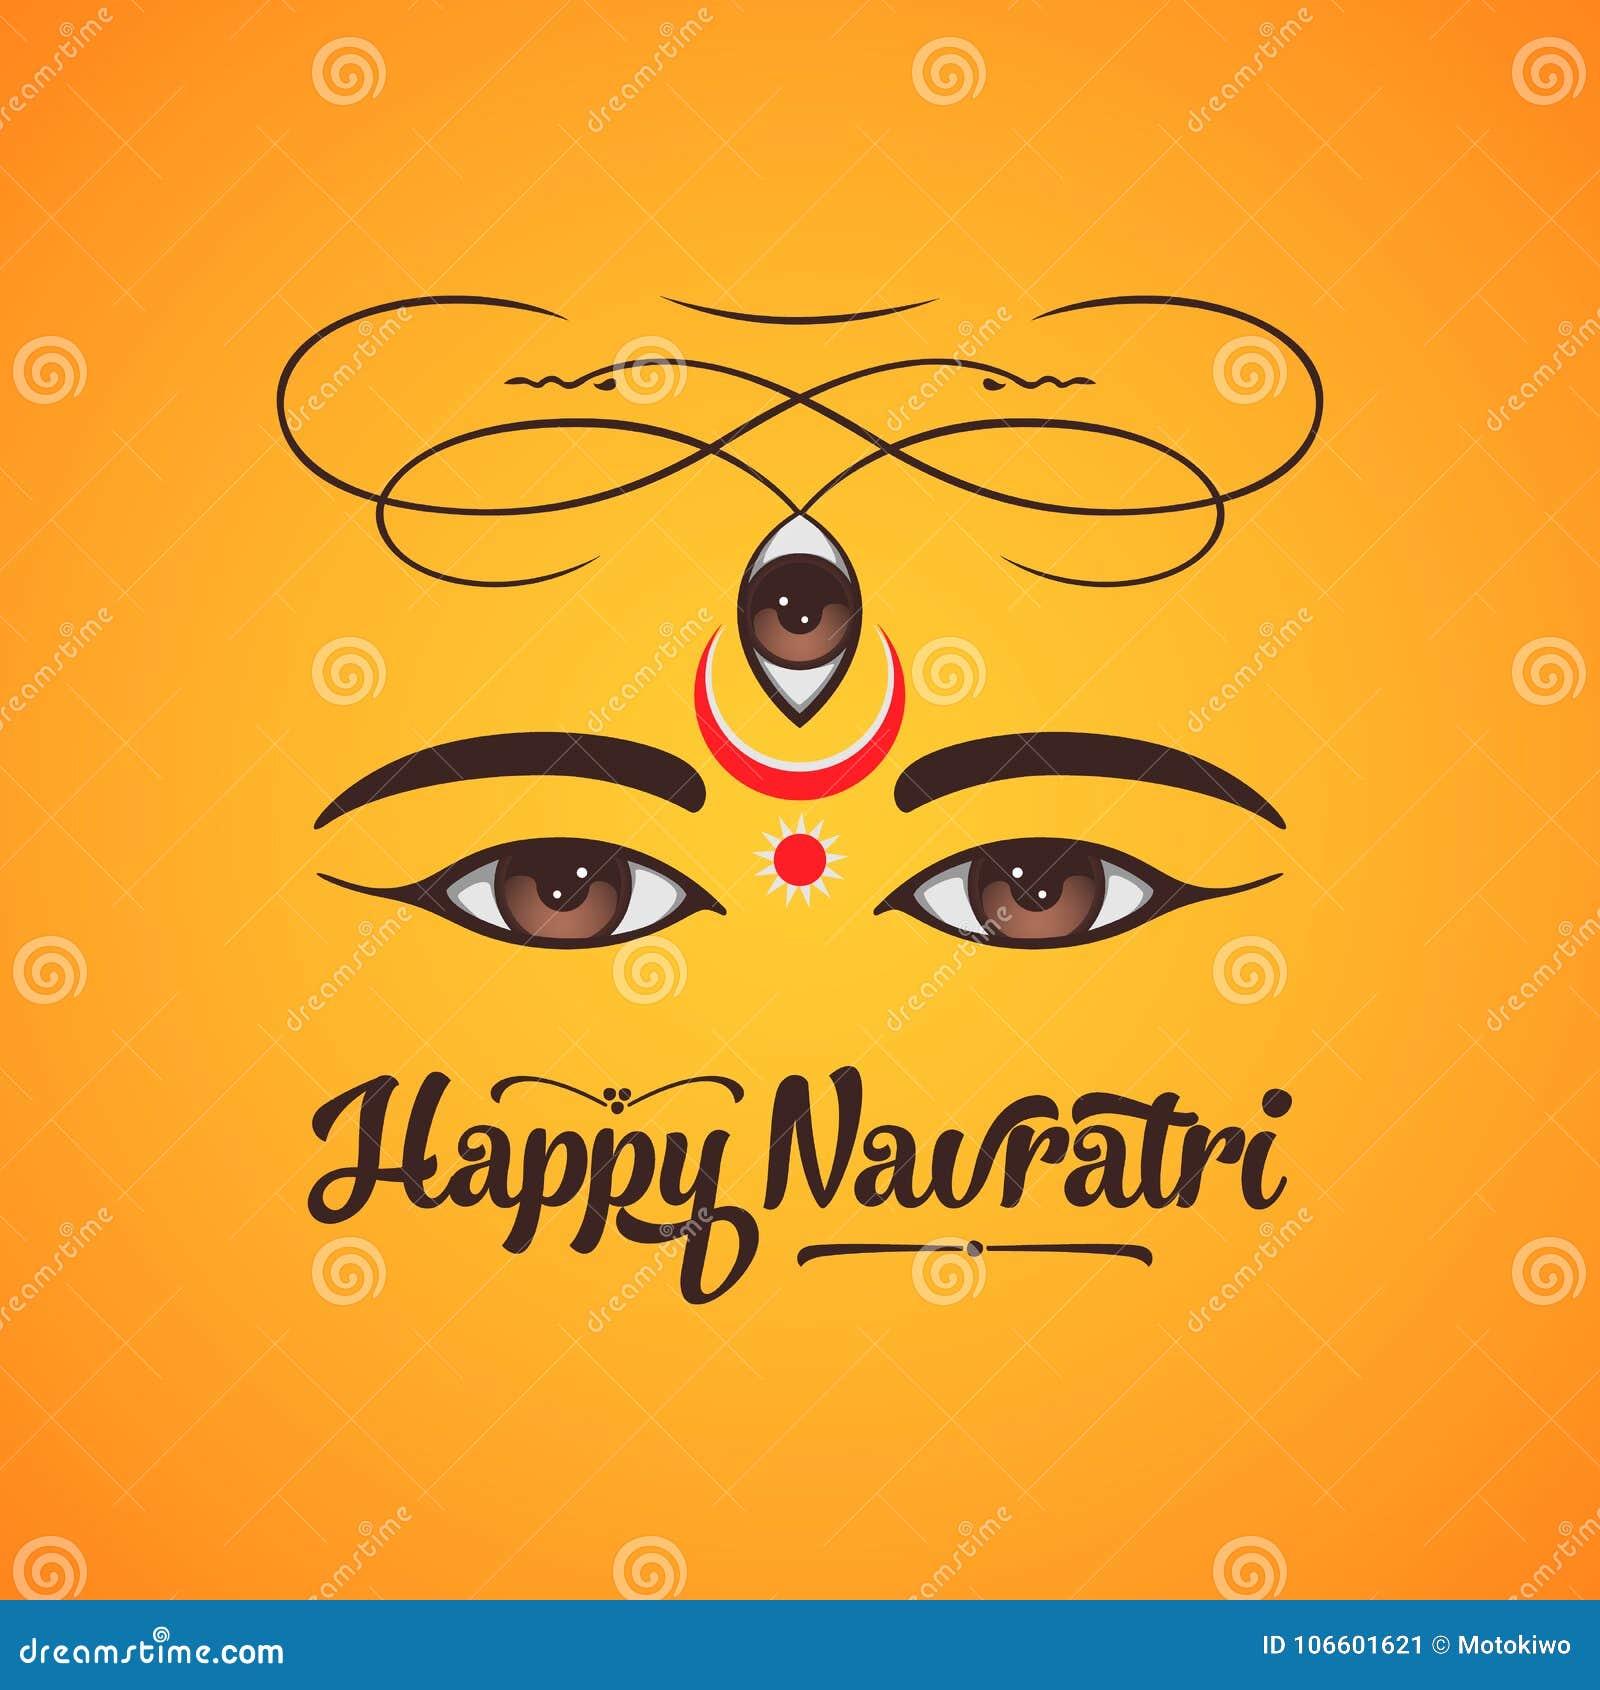 Happy navratri greeting card design stock illustration happy navratri greeting card design m4hsunfo